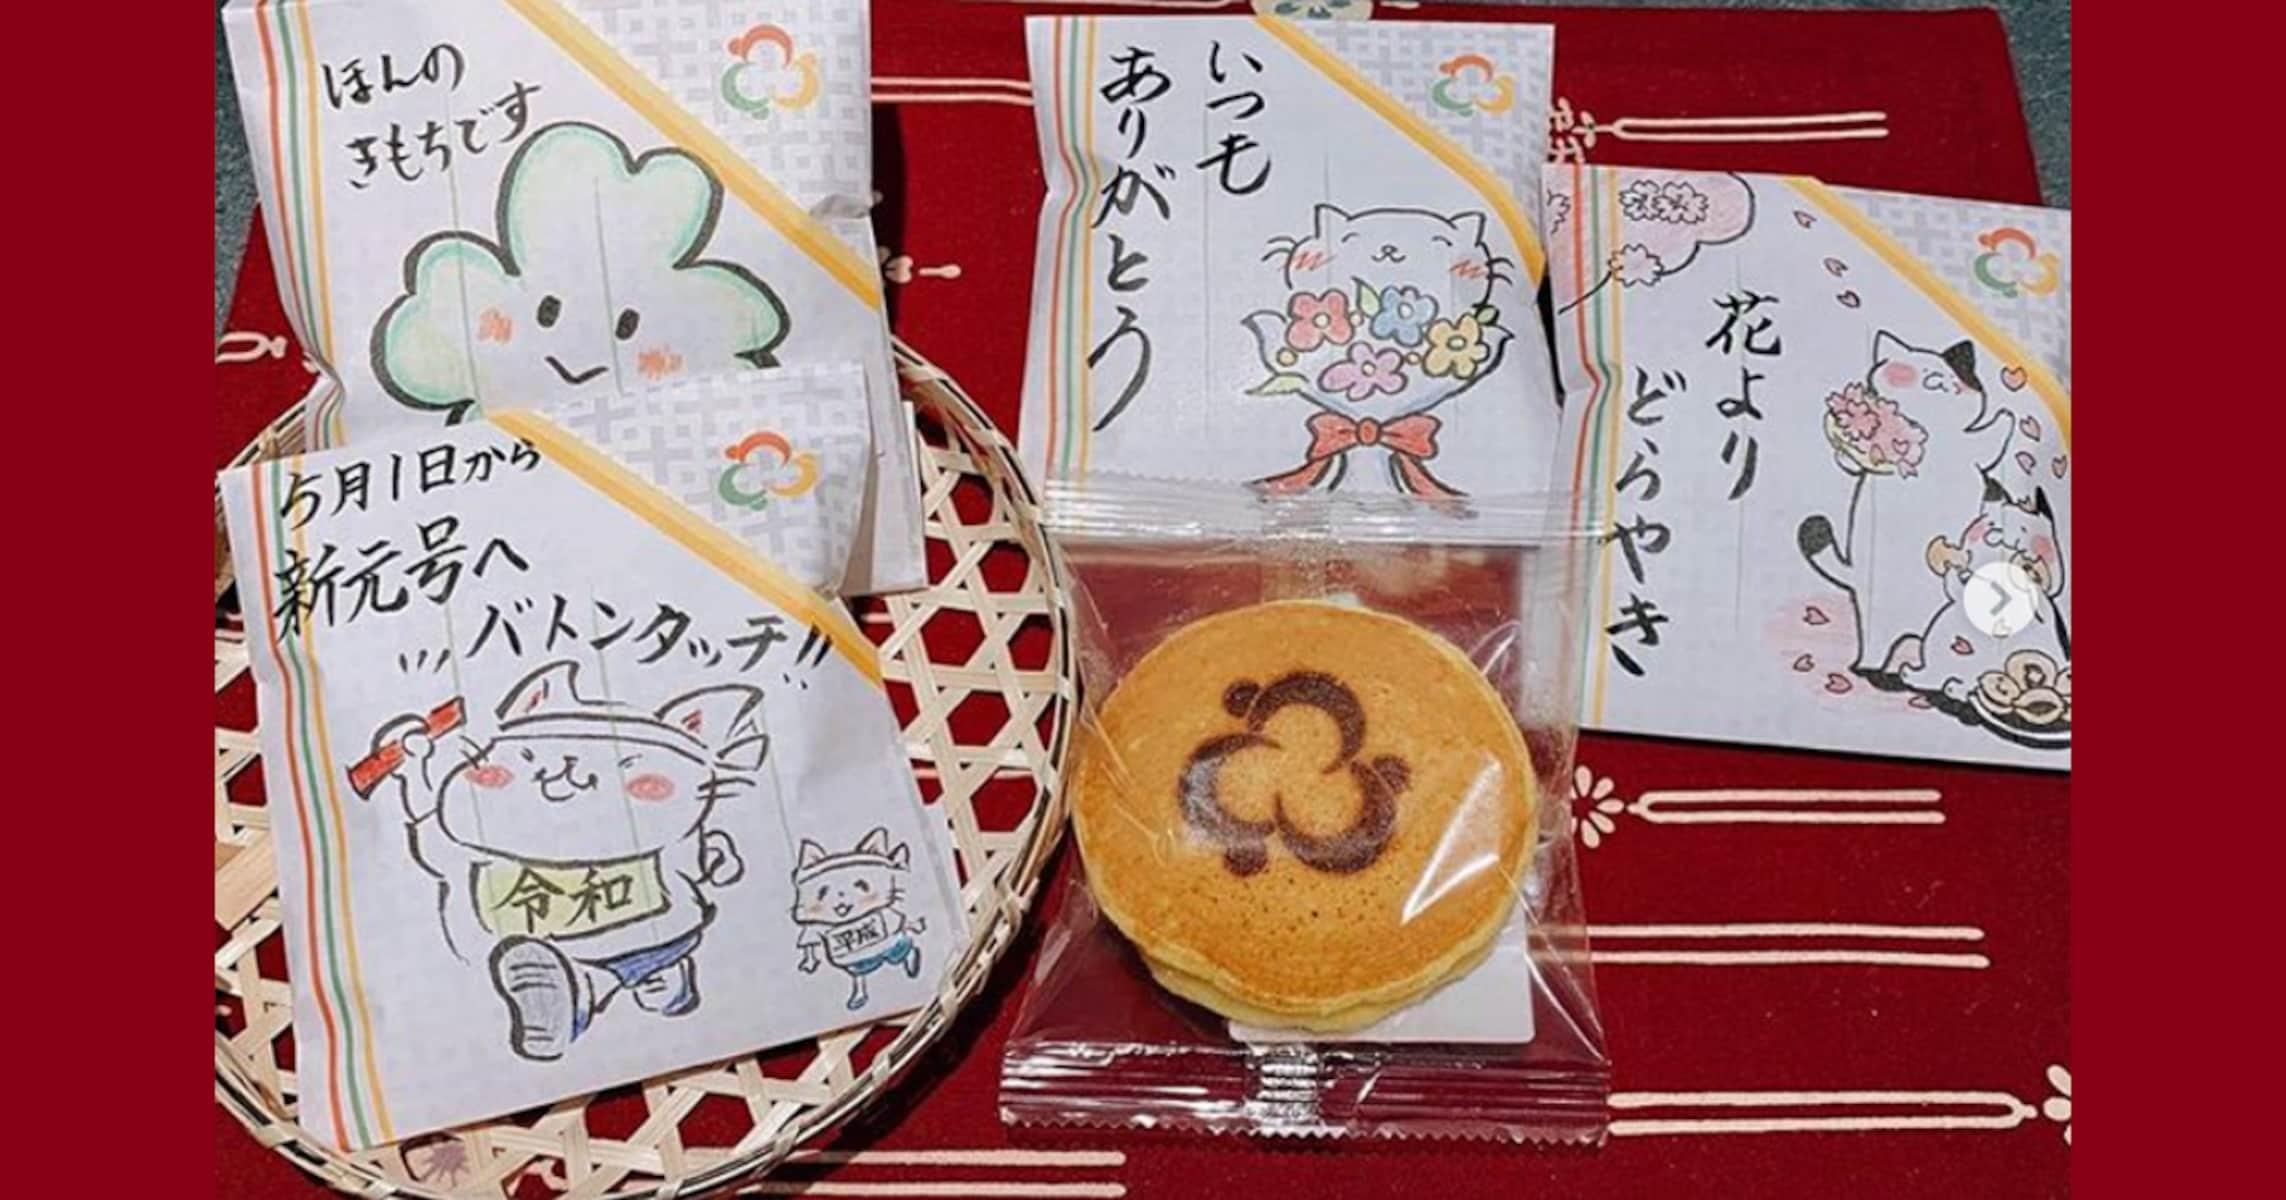 新宿NeWomanで買える「和菓子」が可愛すぎる!と話題に…どらやきのパッケージは店員さん手描きのオリジナルイラストだよ